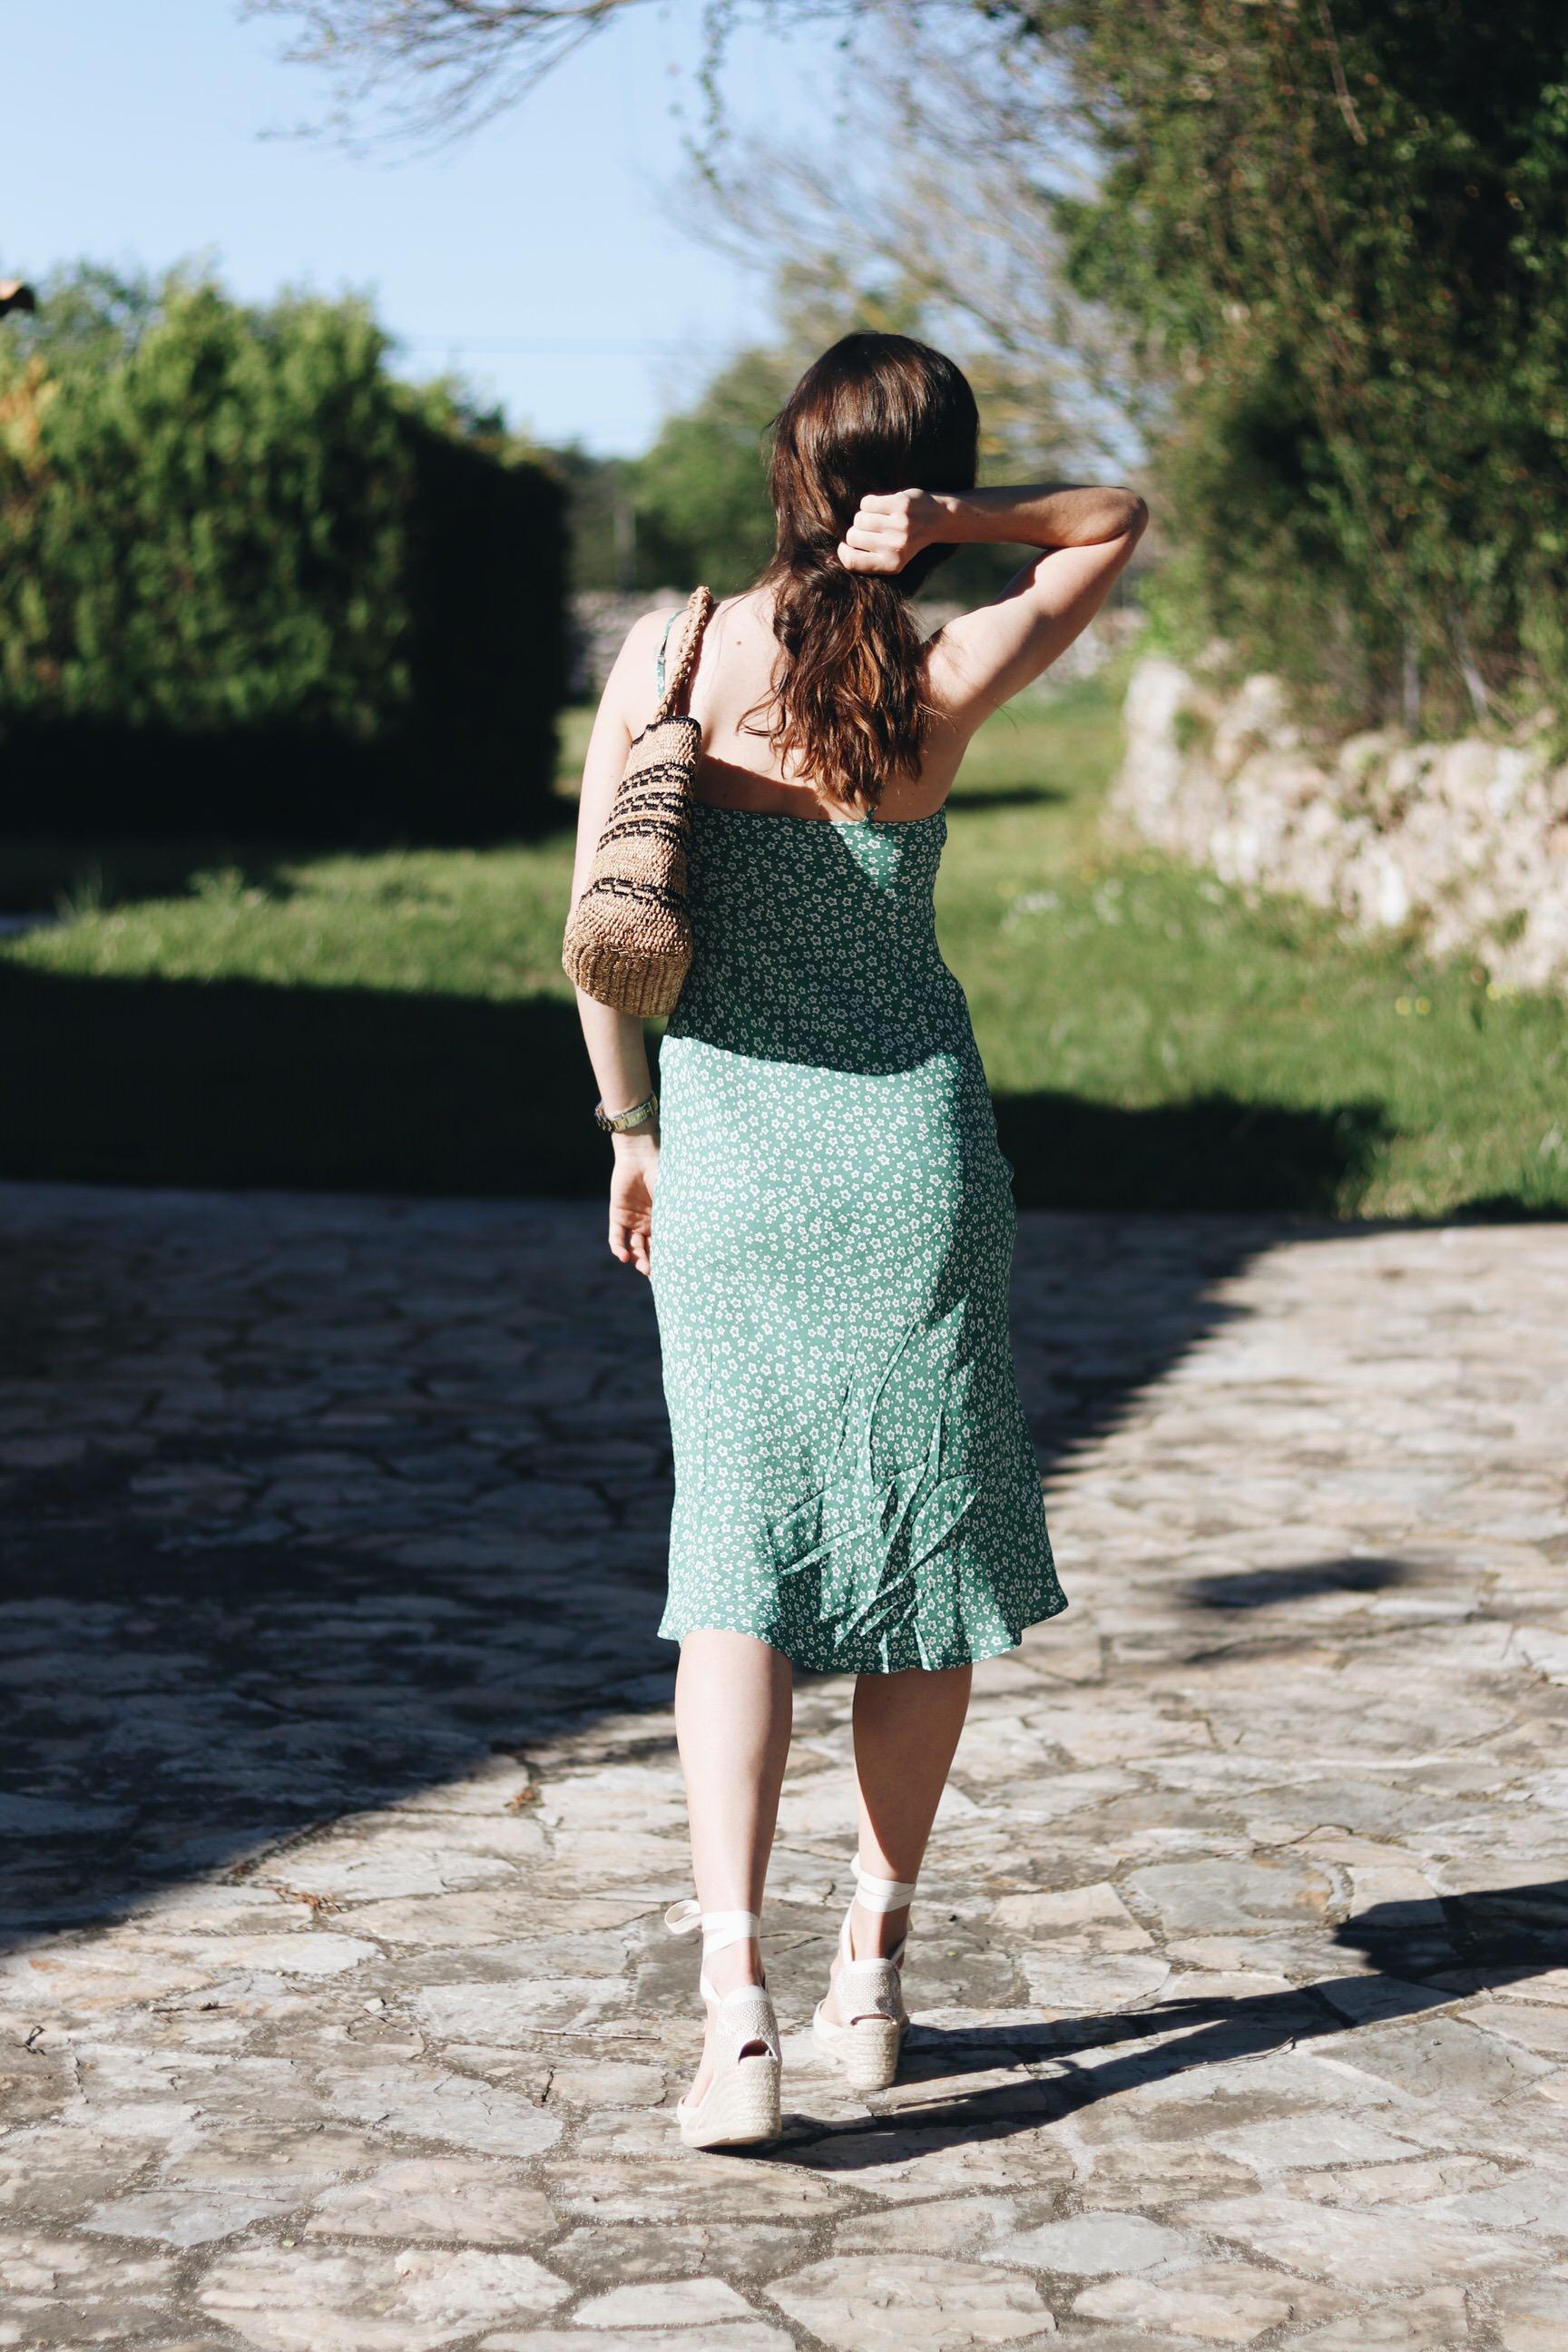 Blumenmuster Sommerkleid gruen Espadrilles Korbtasche kombinieren Outfitideen Blog